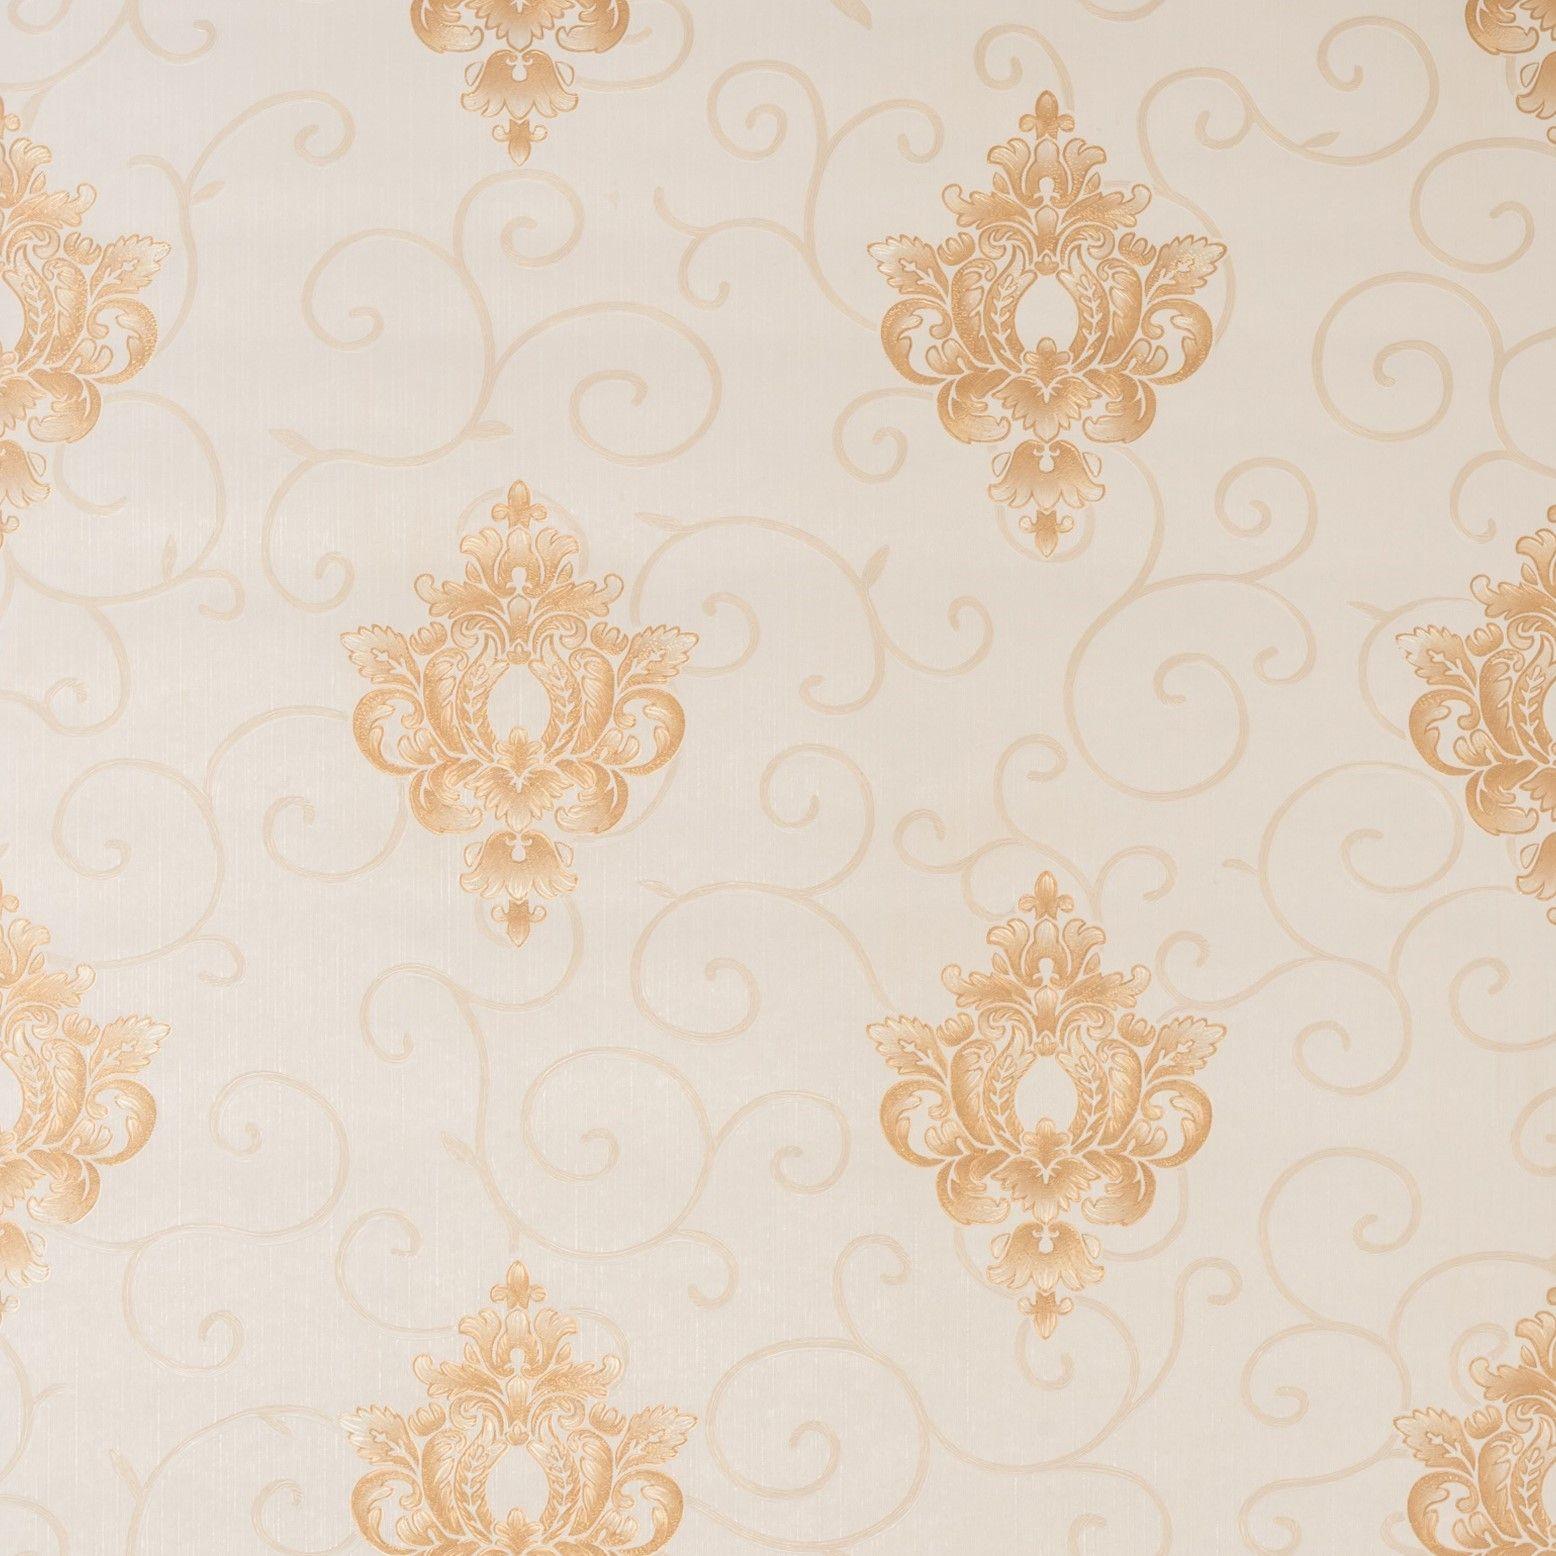 Papel de Parede Paris Decor Vinílico Coleção Chamonix Damask Bege, Dourado